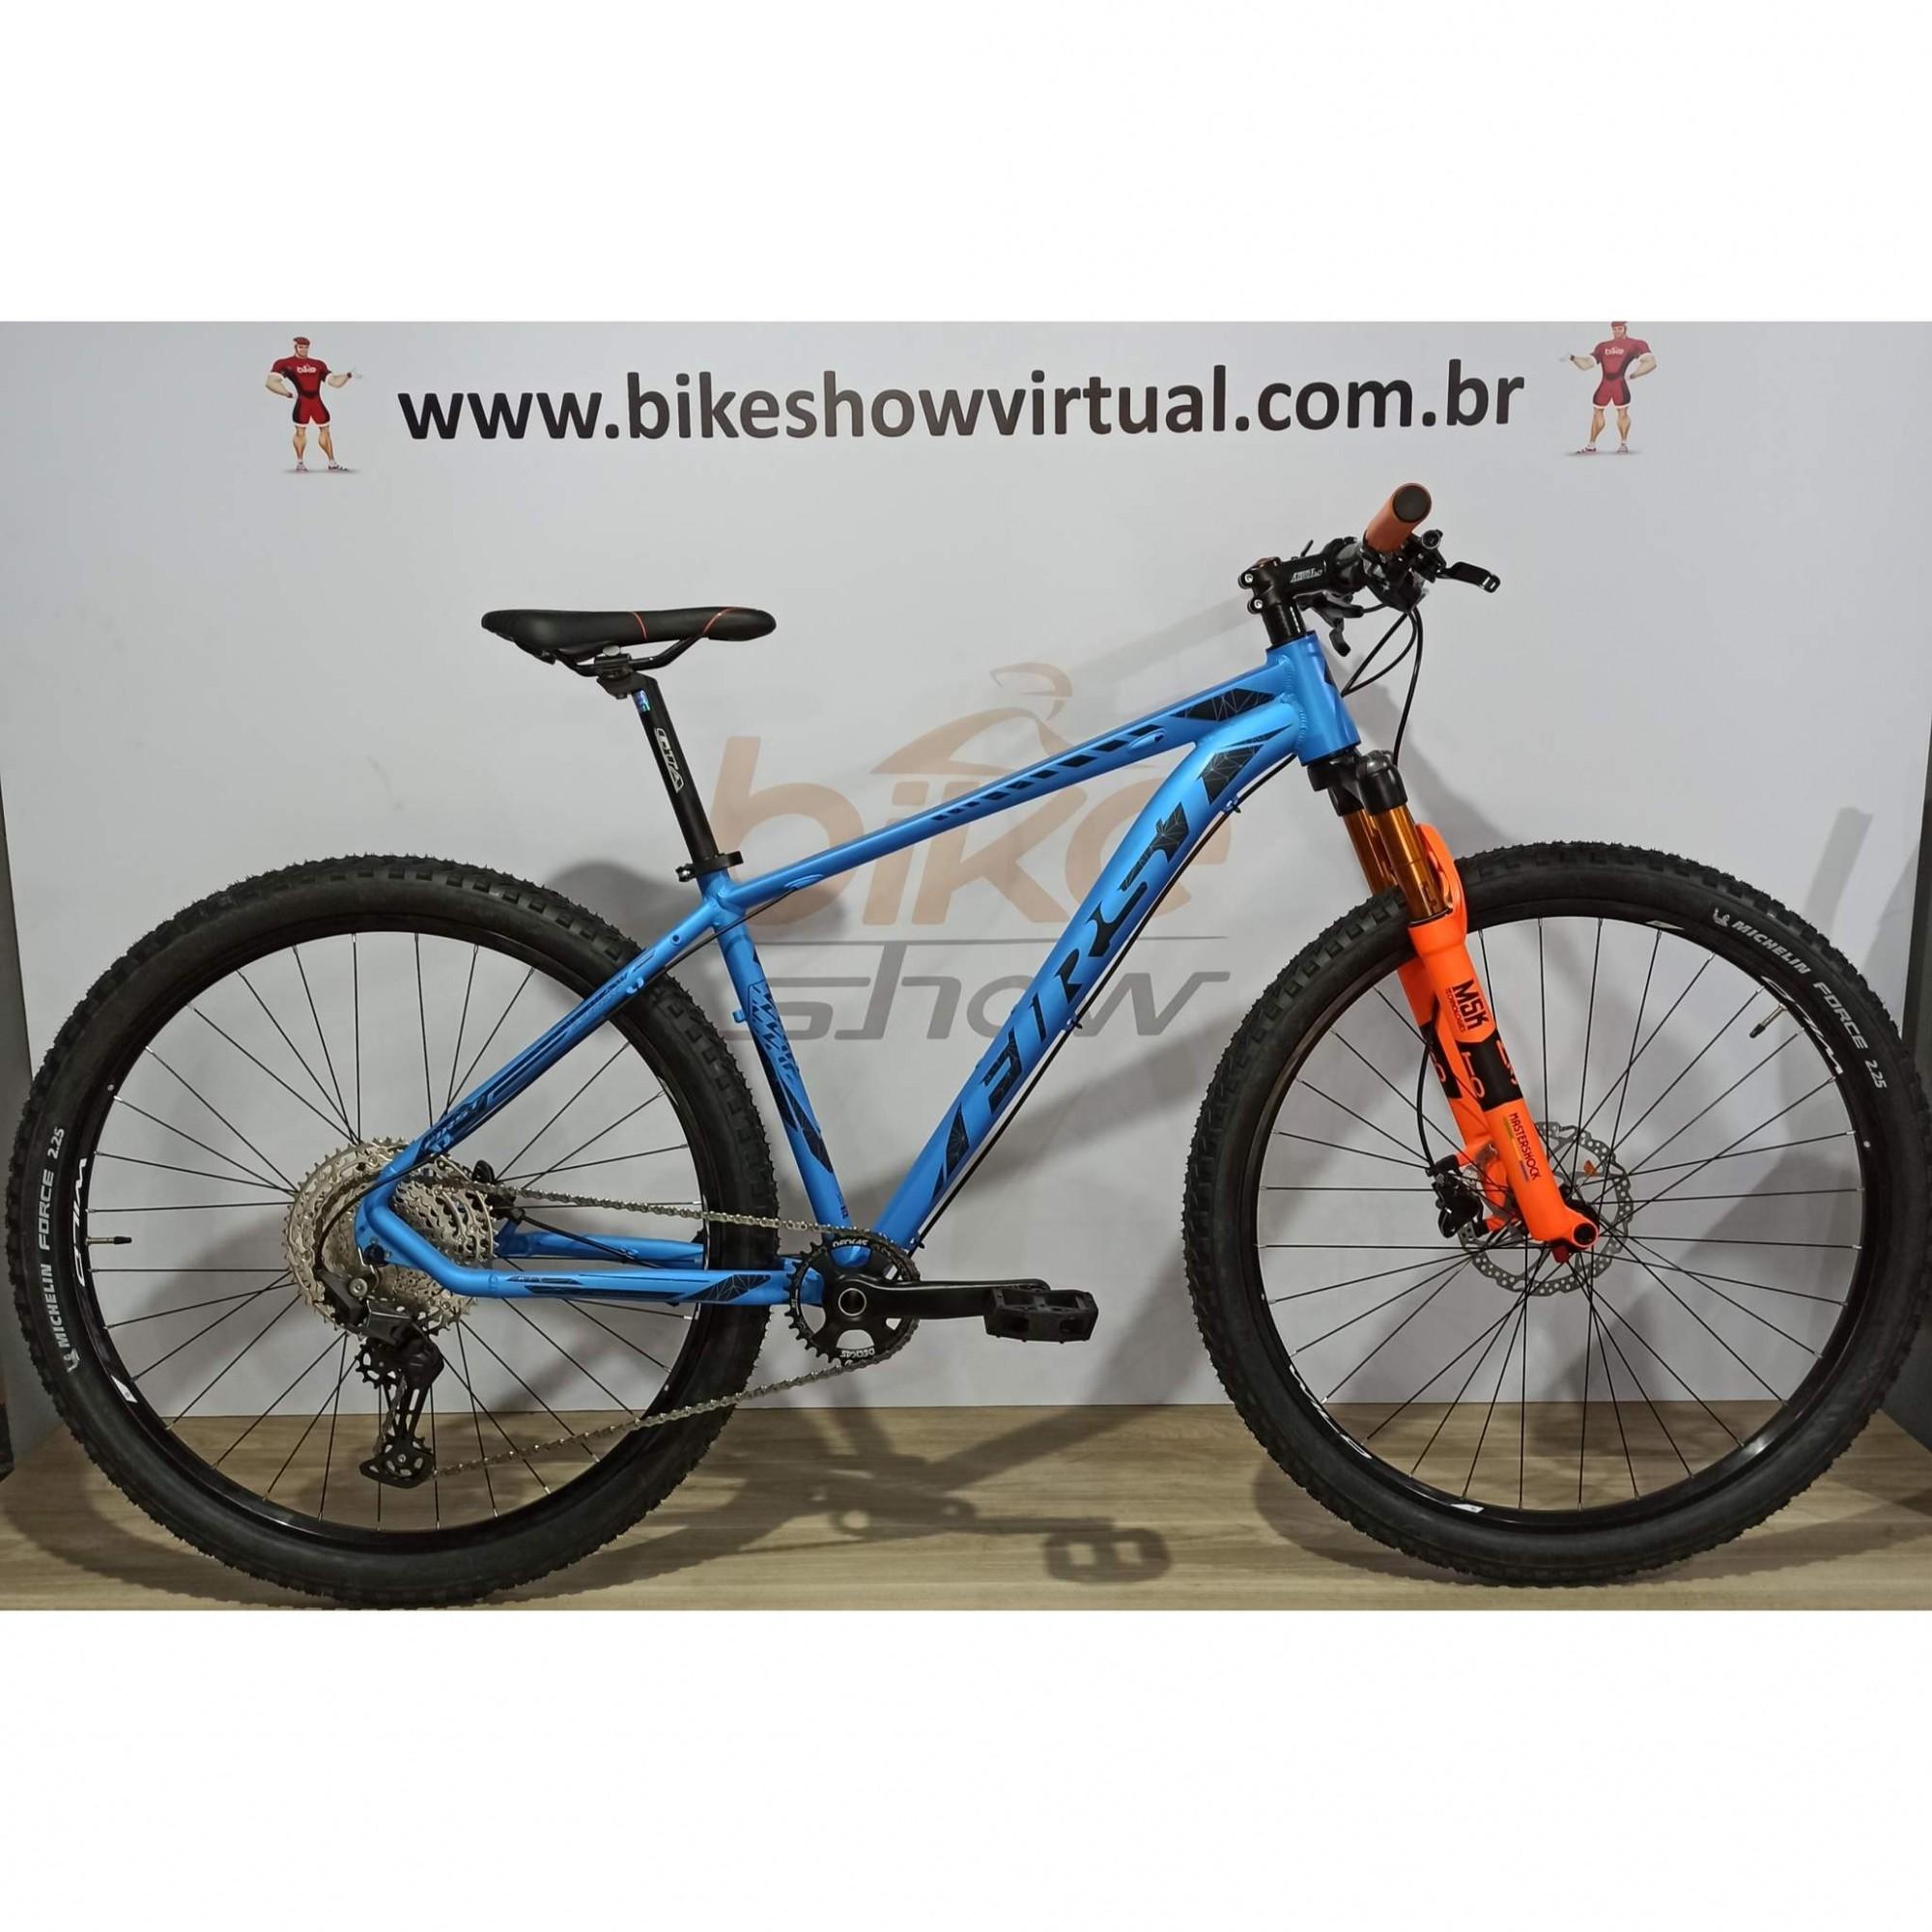 Bicicleta FIRST Lunix aro 29 - 12v Shimano Deore - K7 Shimano 10/51 dentes - Suspensão MasterShock MT-30 a AR